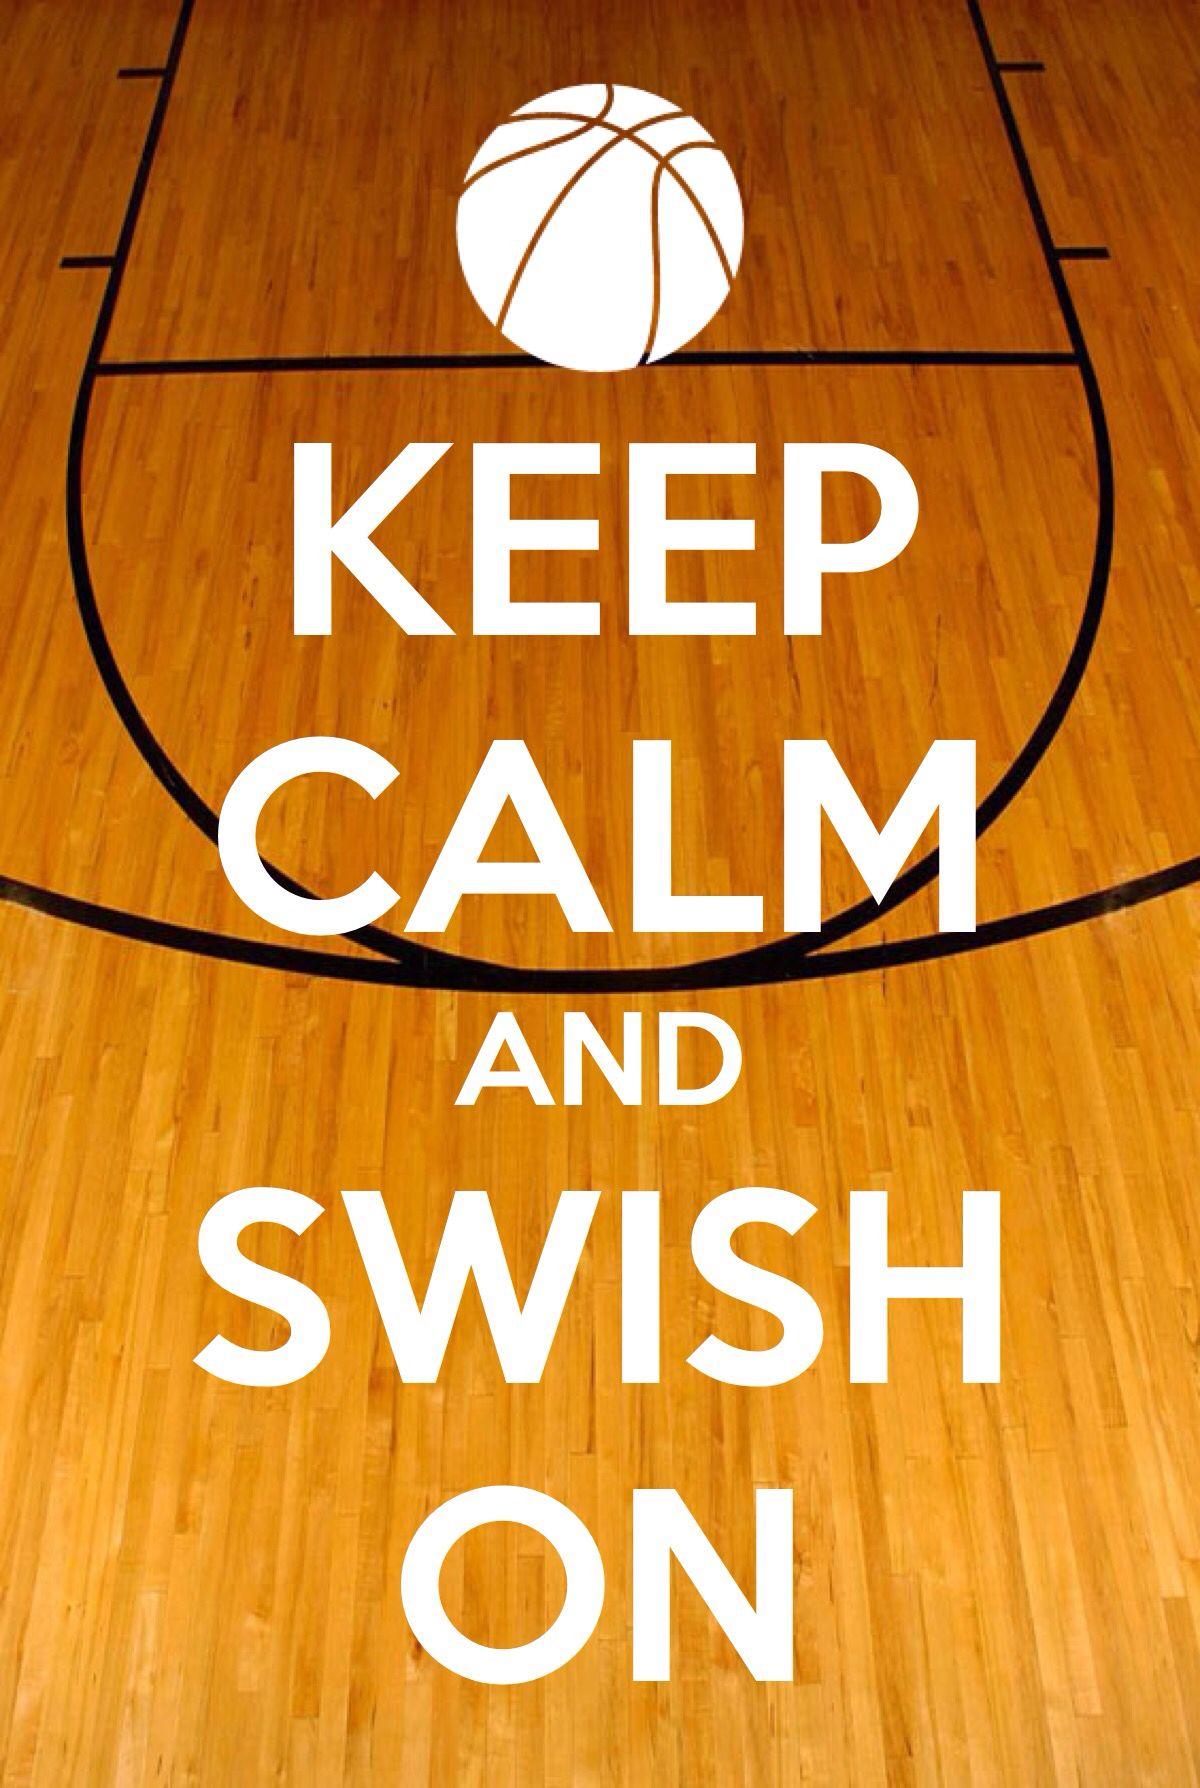 Basketball Basketball, Basketball quotes, Basketball drills